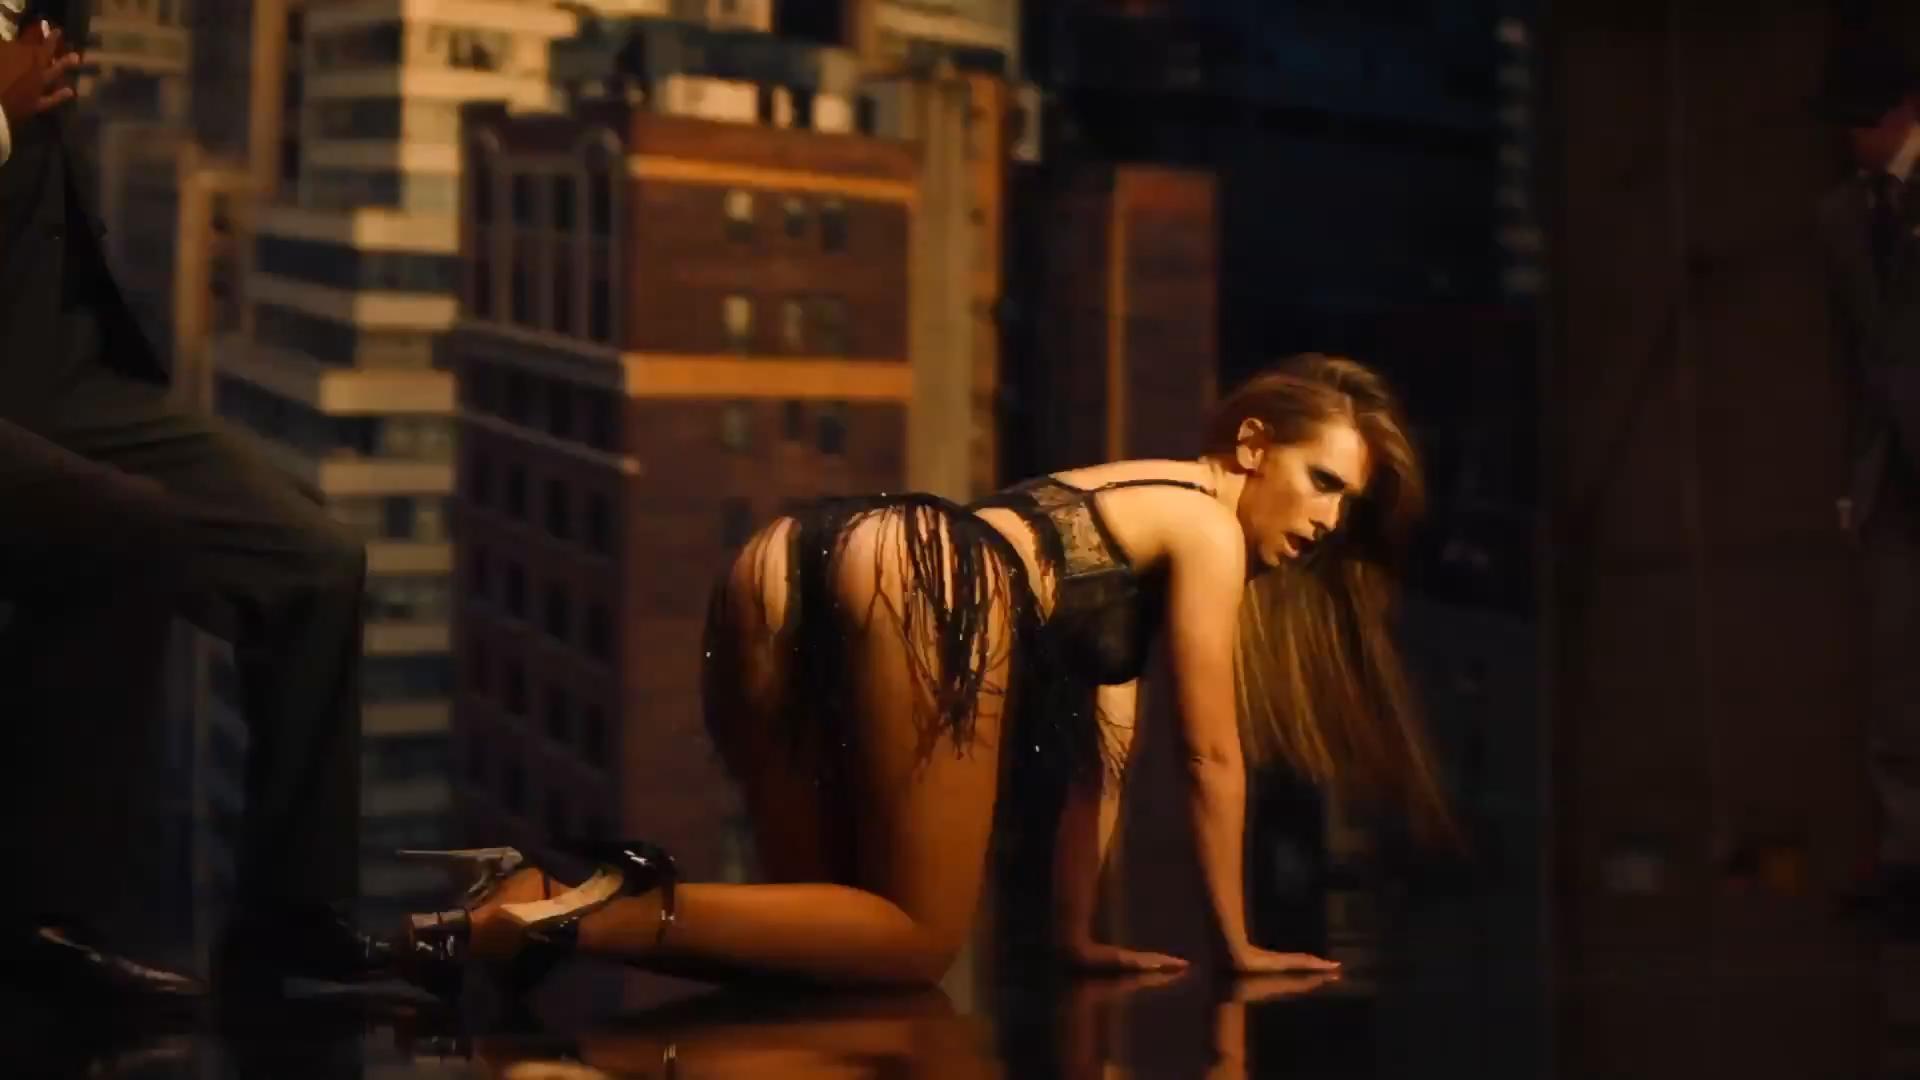 AbsoluGirl - Jennifer love hewitt sex scene - Video sexy